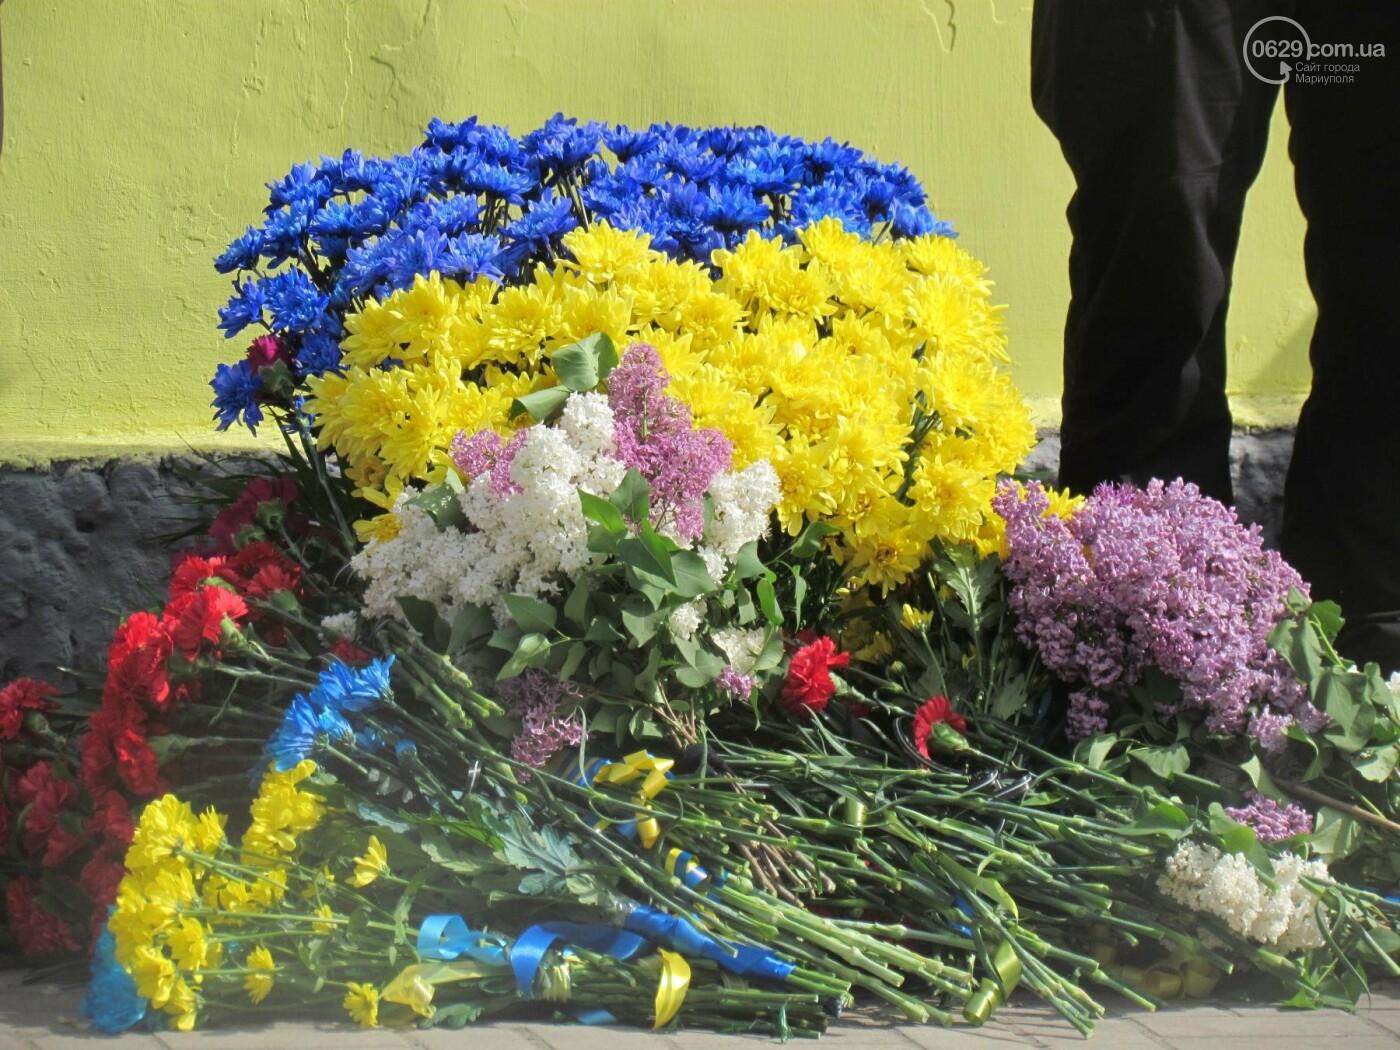 В Мариуполе почтили память патриотов, погибших 9 мая 2014 года  (ФОТОРЕПОРТАЖ+ВИДЕО), фото-37